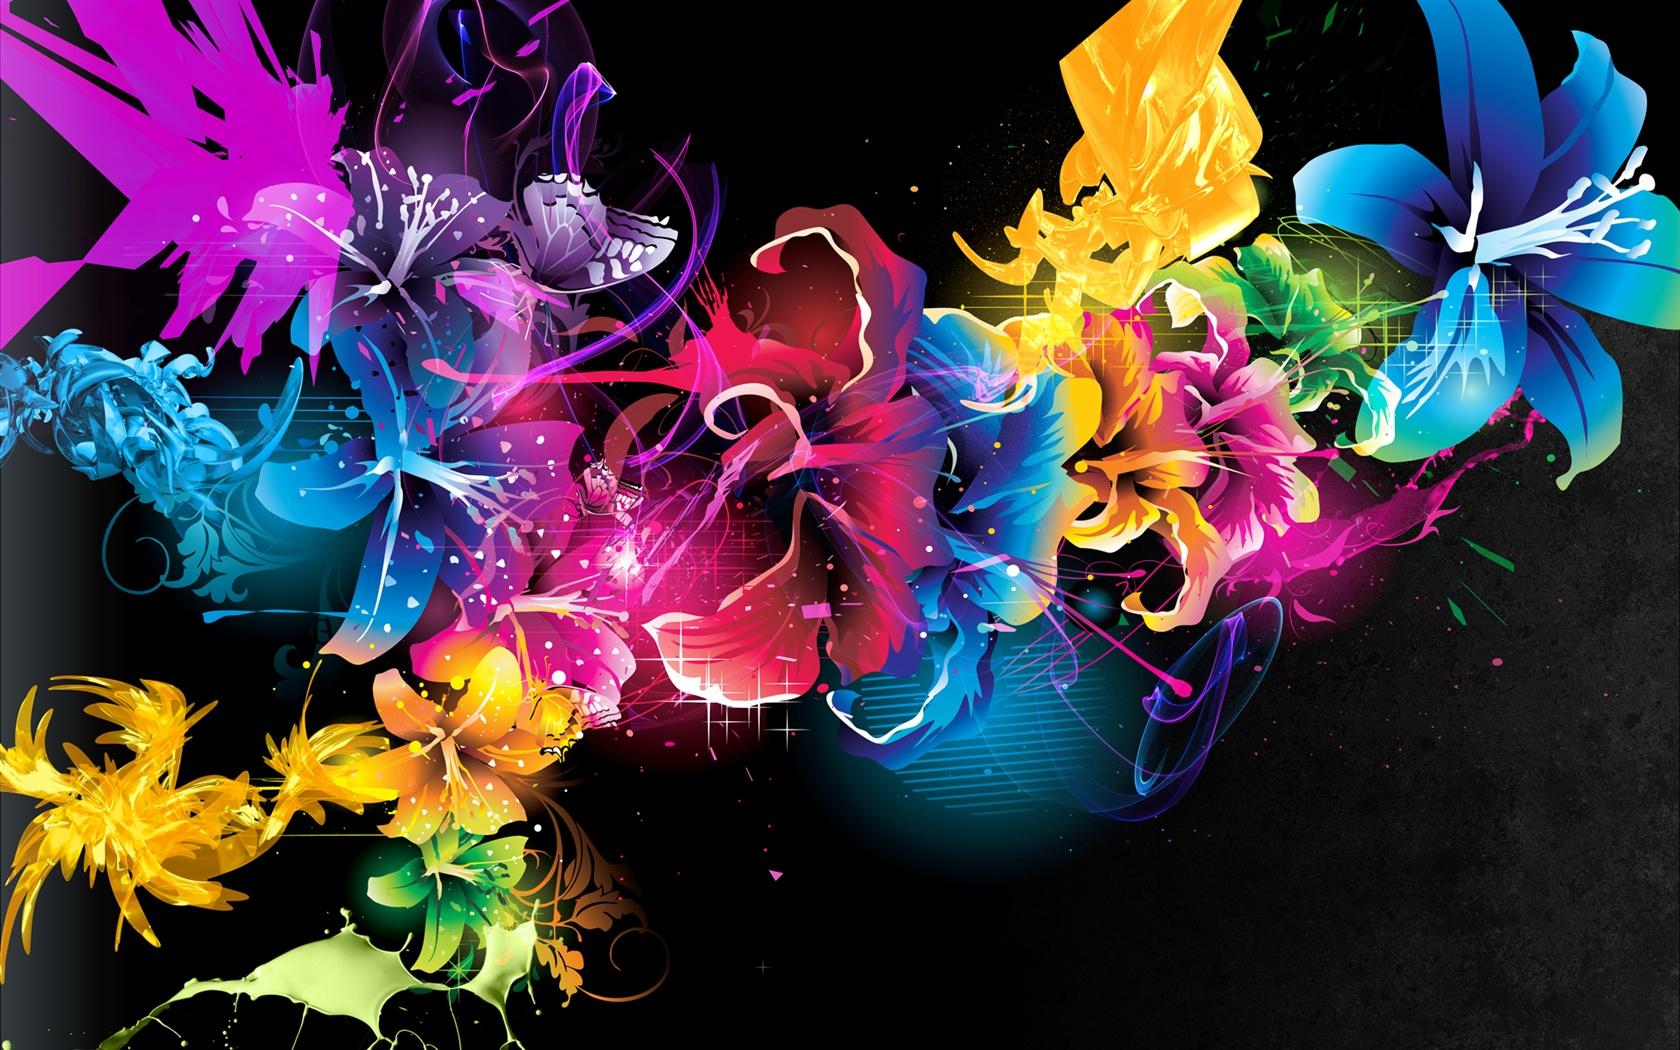 Patrones Abstractos Lineas De Colores Las Flores Fondos De